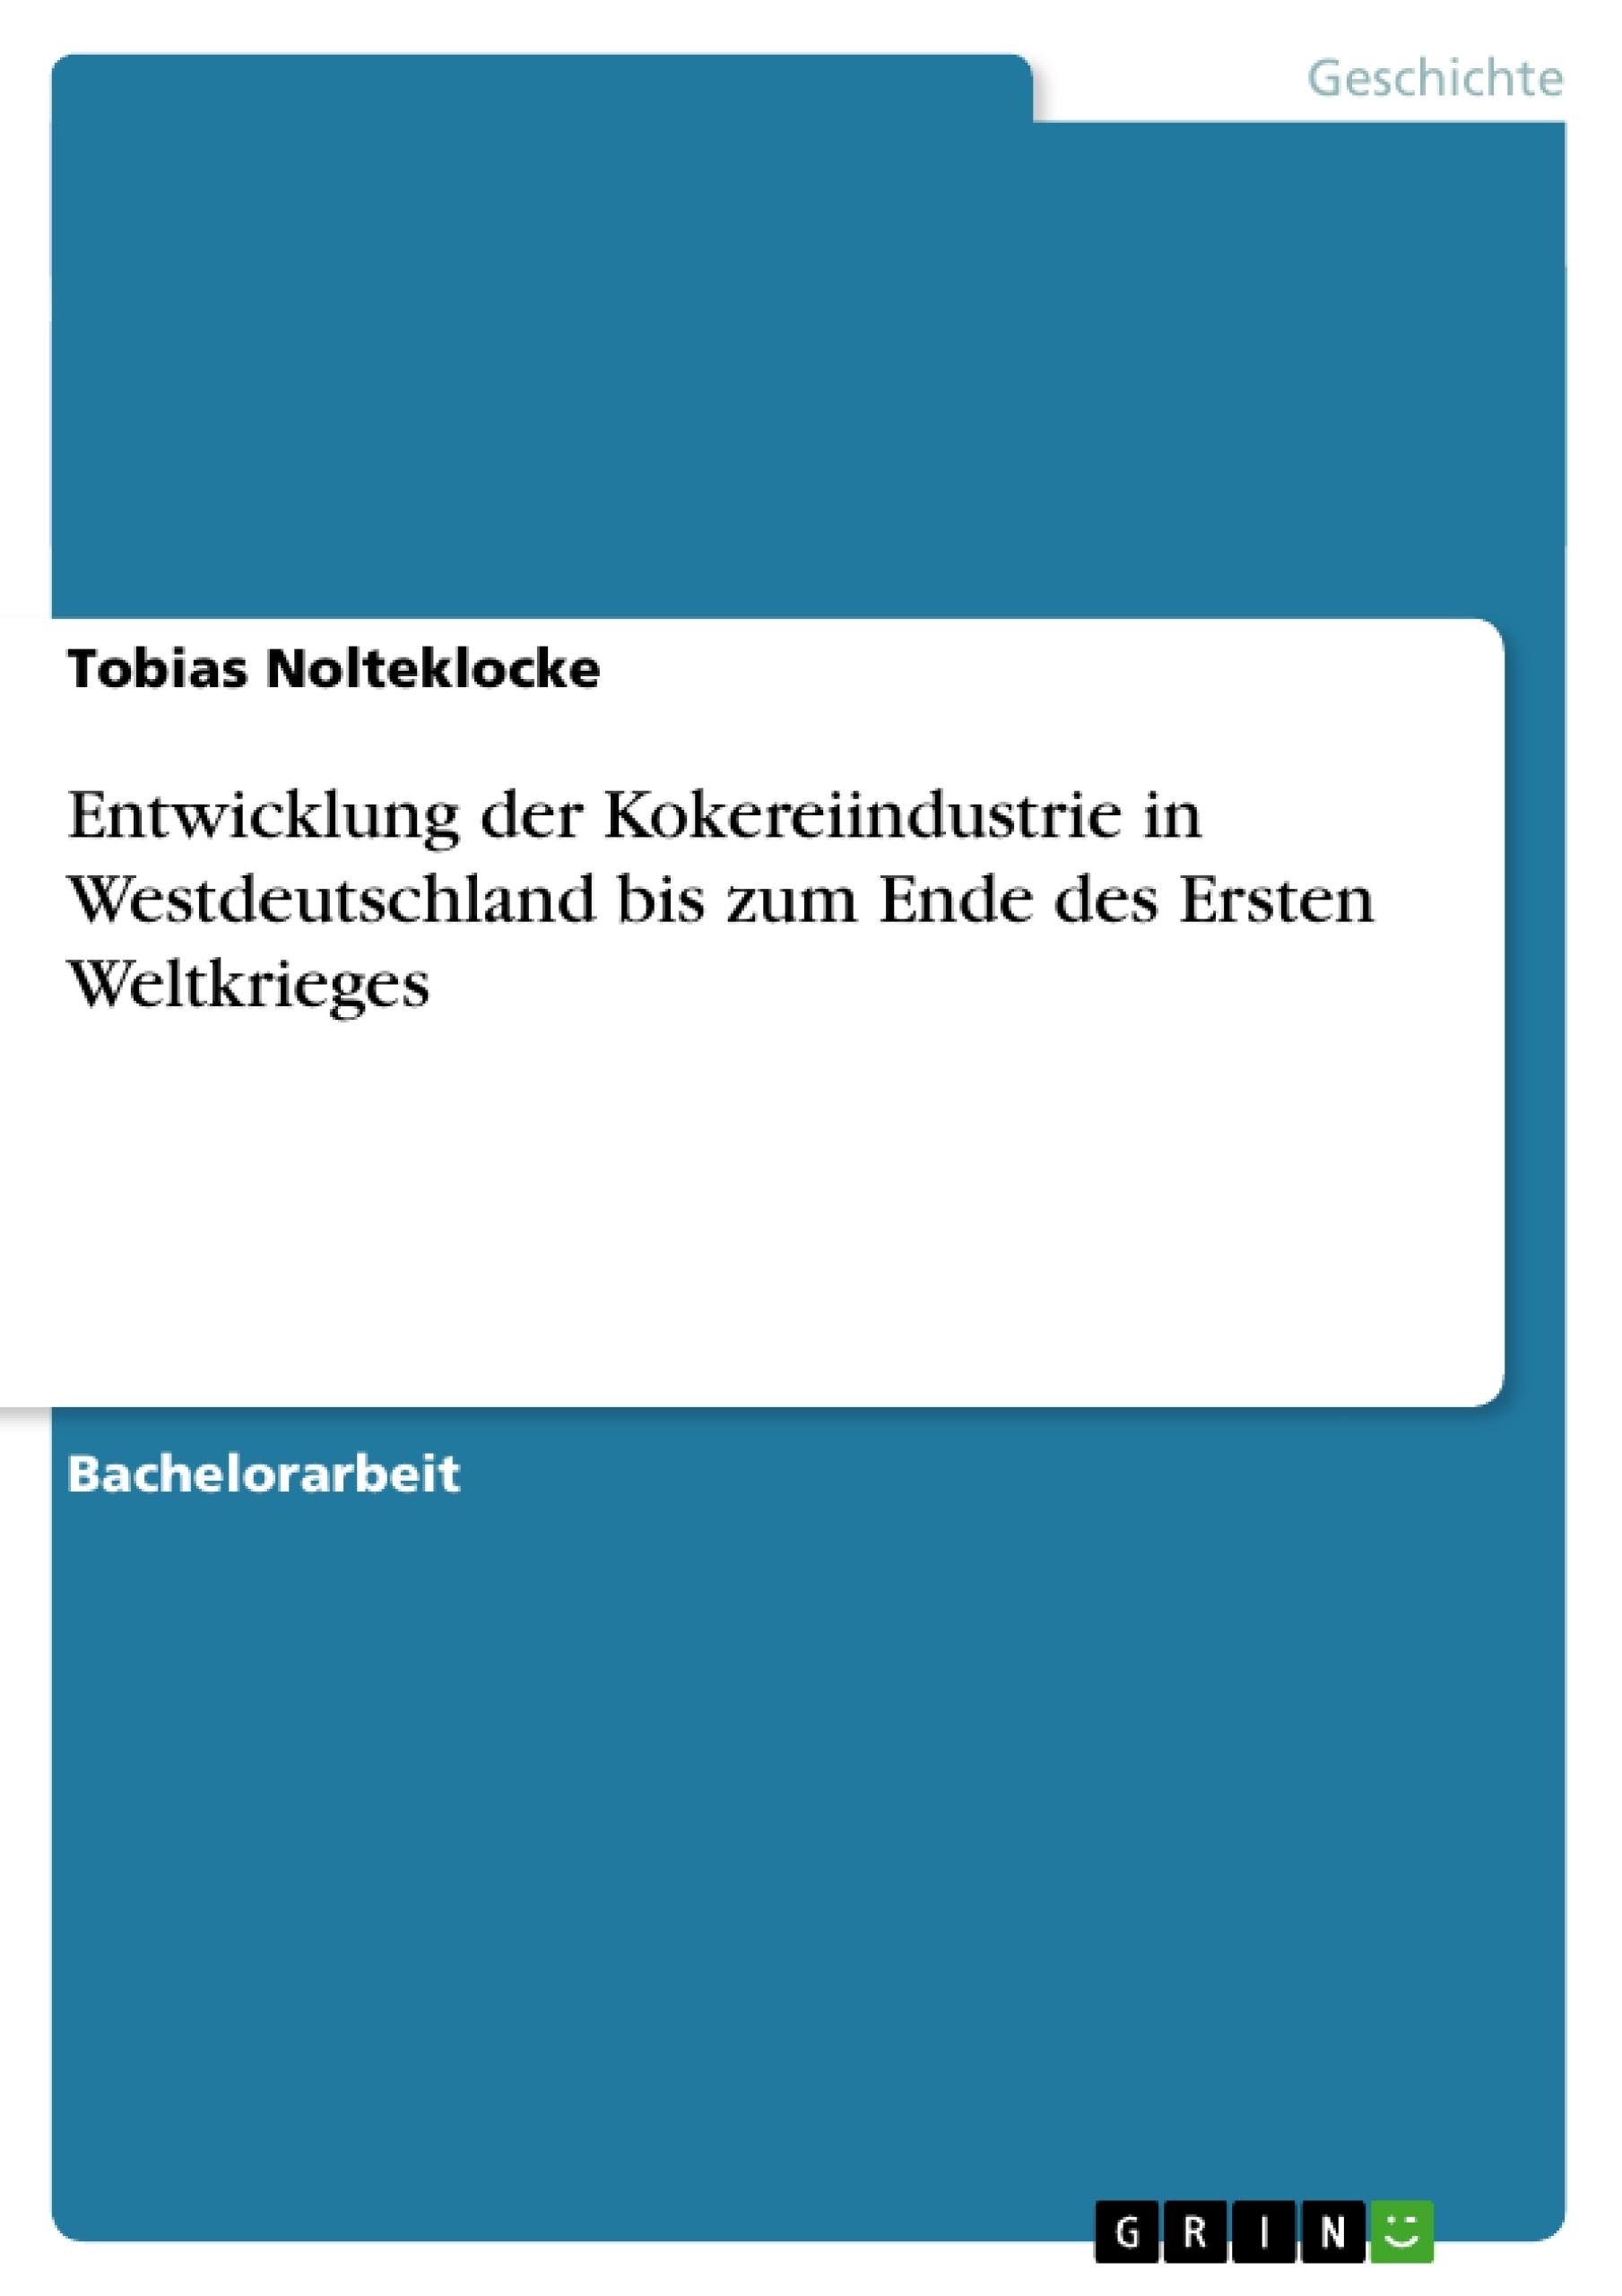 Titel: Entwicklung der Kokereiindustrie in Westdeutschland bis zum Ende des Ersten Weltkrieges